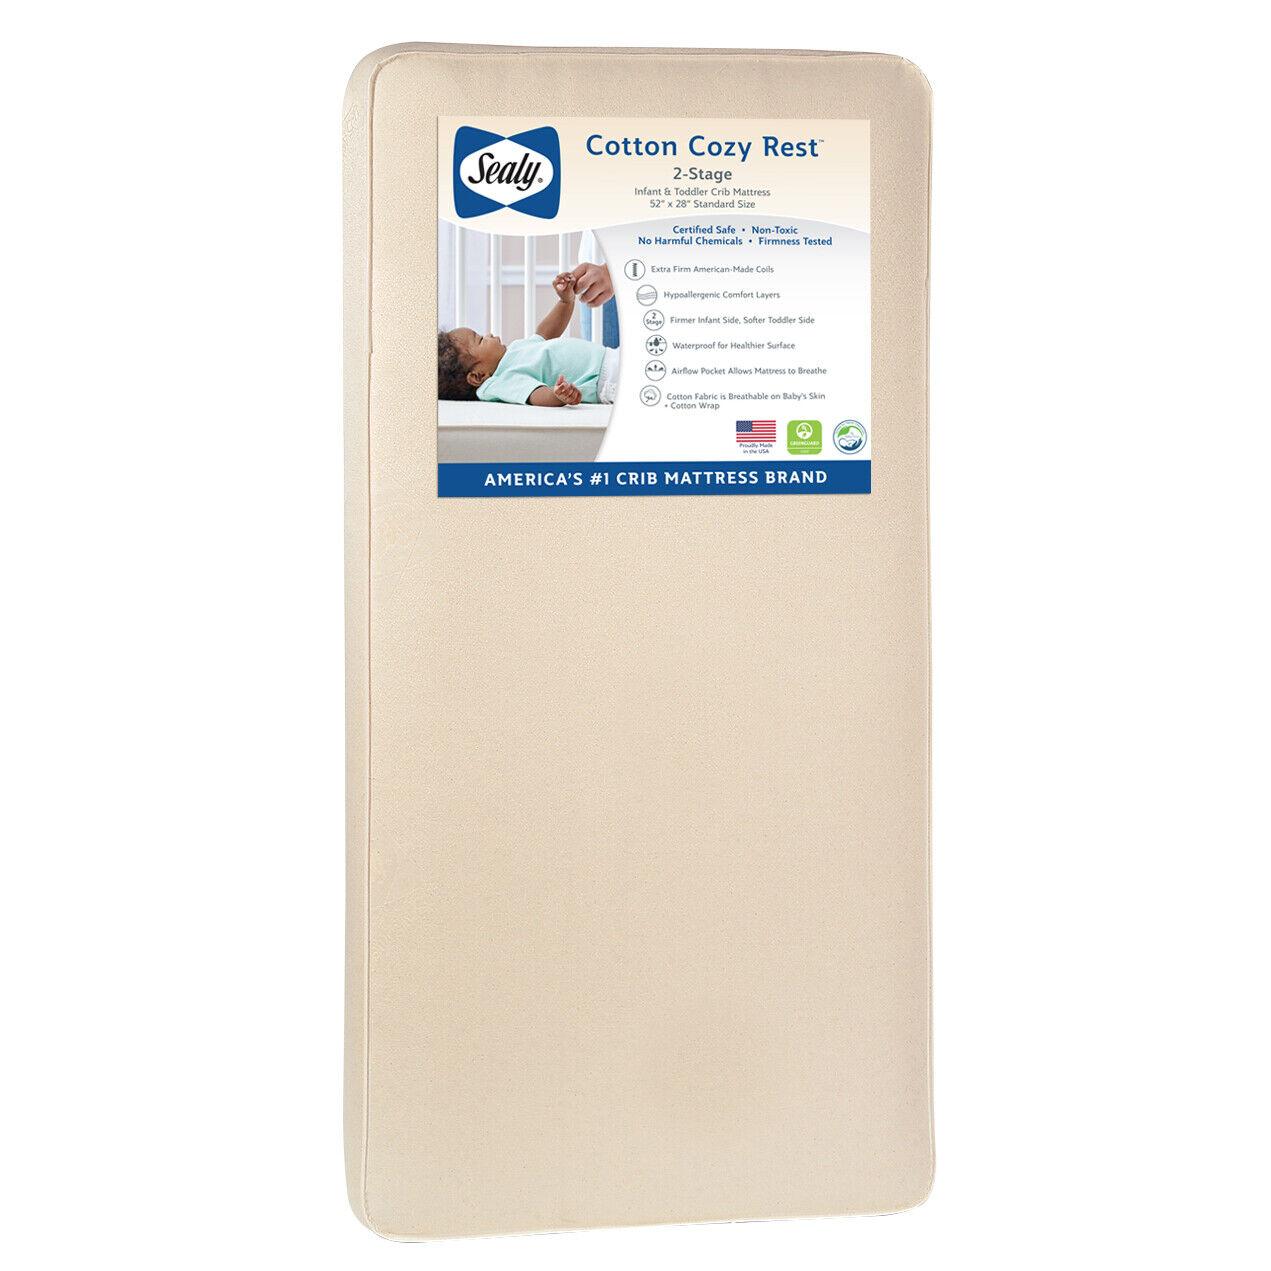 Cotton Cozy Rest 2-Stage 5.5 Crib Mattress